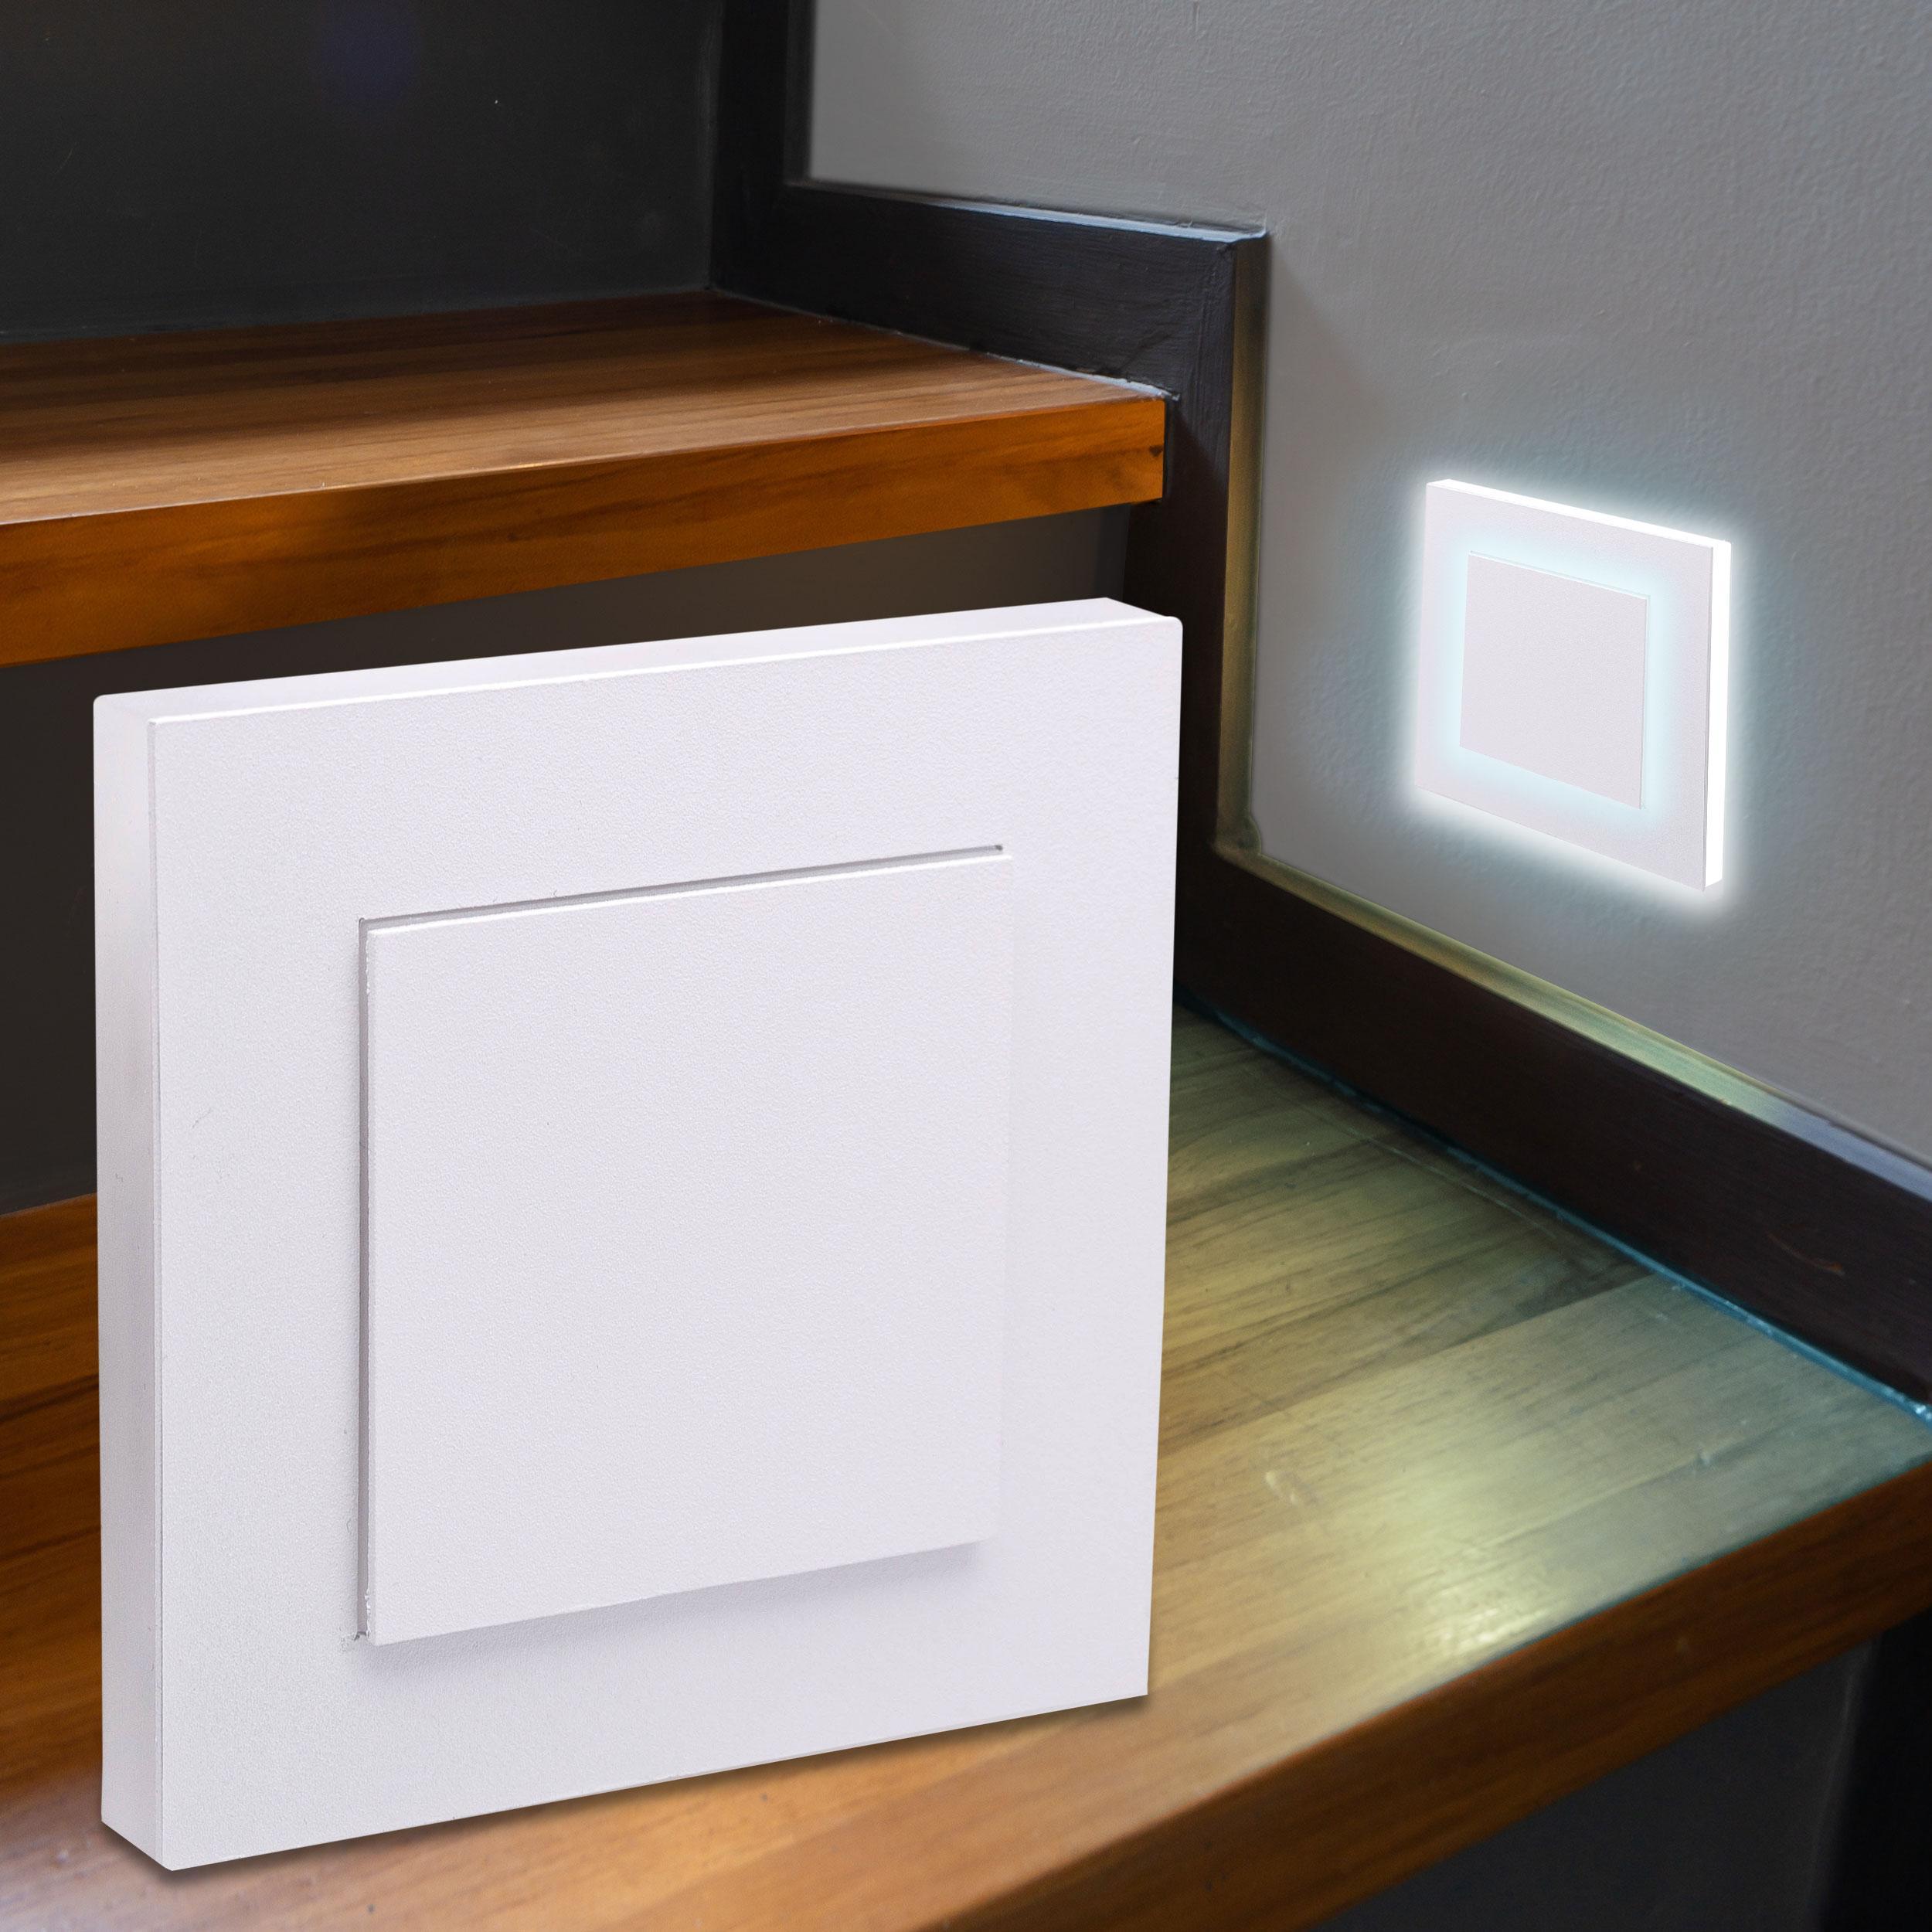 LED Treppenbeleuchtung Wandeinbauleuchte Kaltweiß 230V 1.5W weiß Lichtaustritt seitlich/doppelt